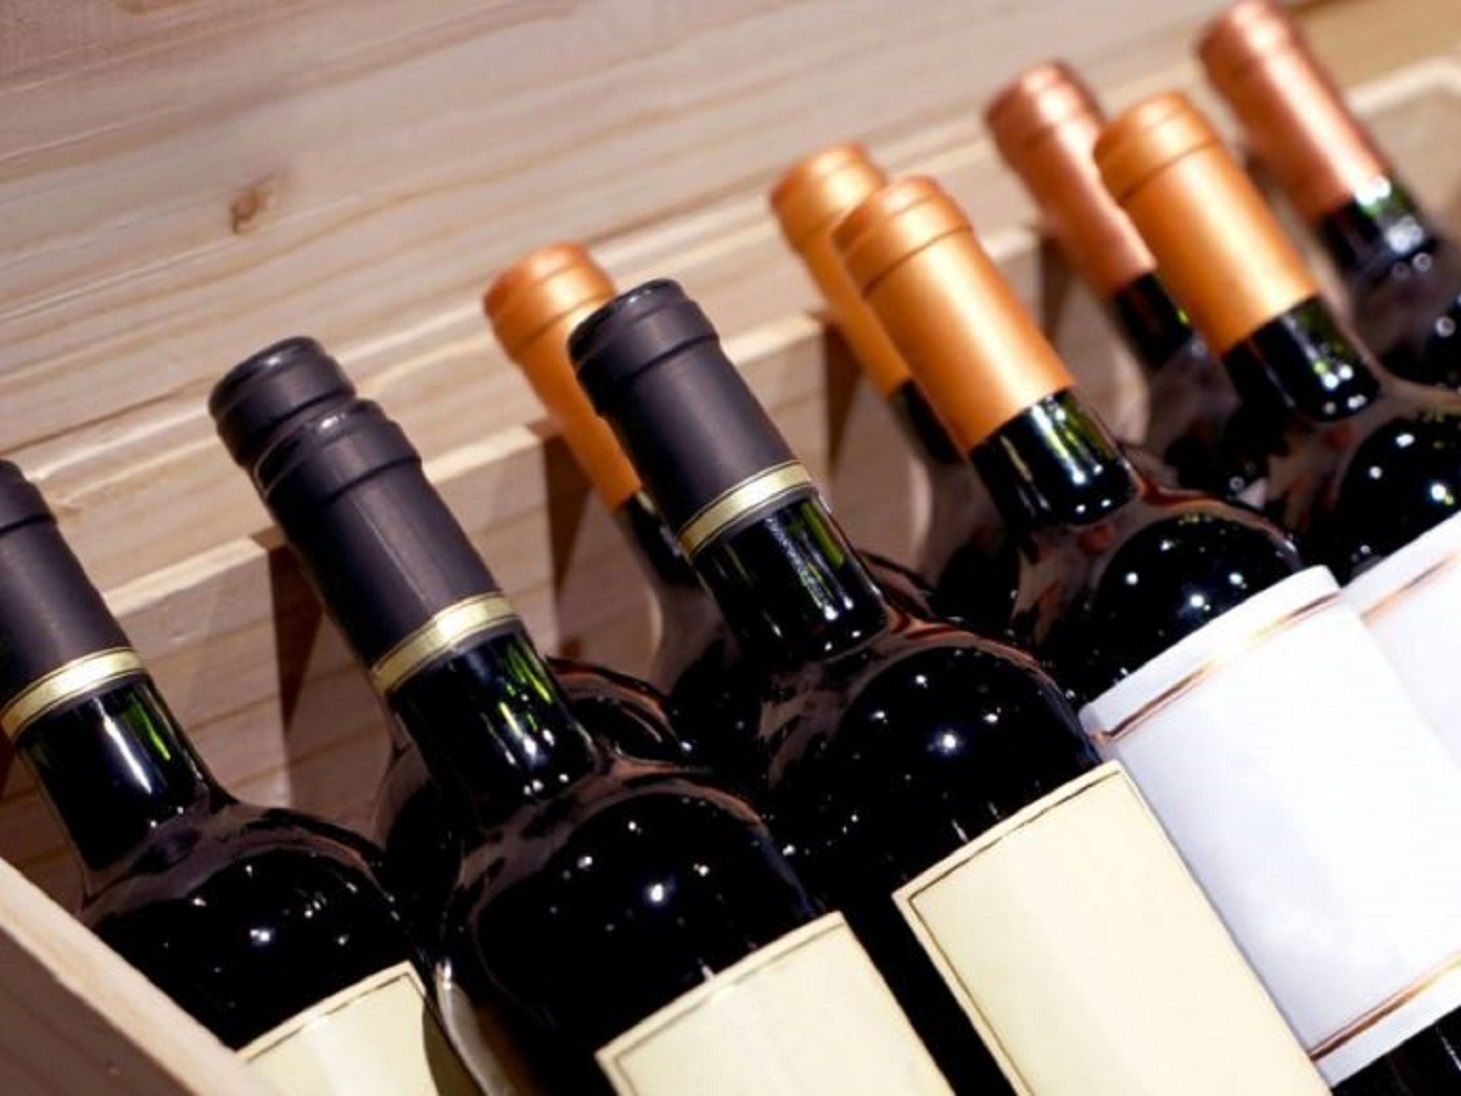 Reforma impositiva: El Gobierno sólo aceptaría debatir los impuestos a las bebidas alcohólicas  y gaseosas